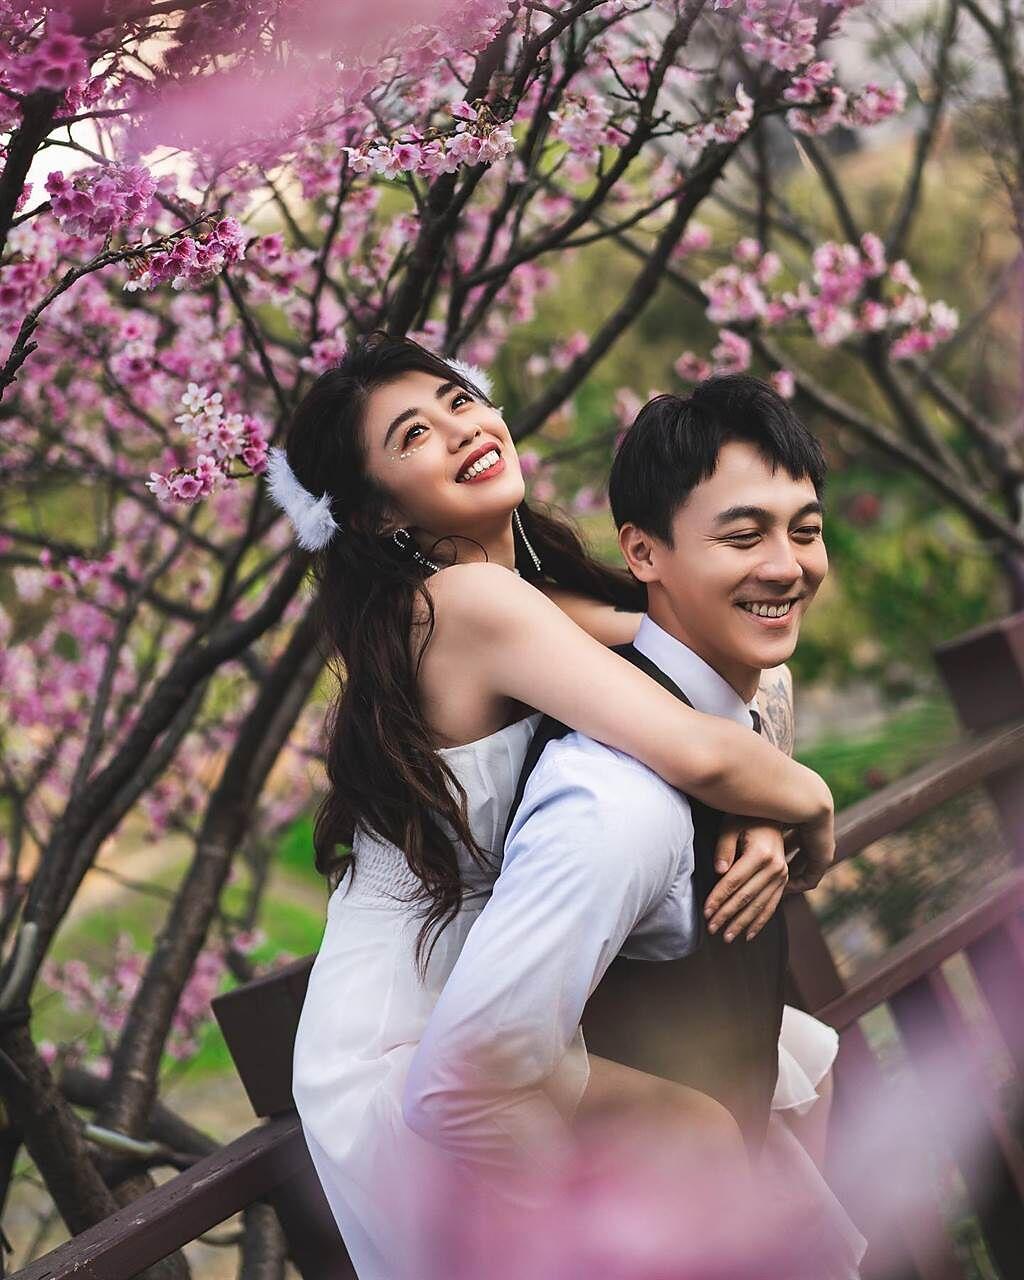 林吟蔚和閨蜜為了拍《Love u 10000》舞蹈版MV組成CP。(圖/FB@林吟蔚)